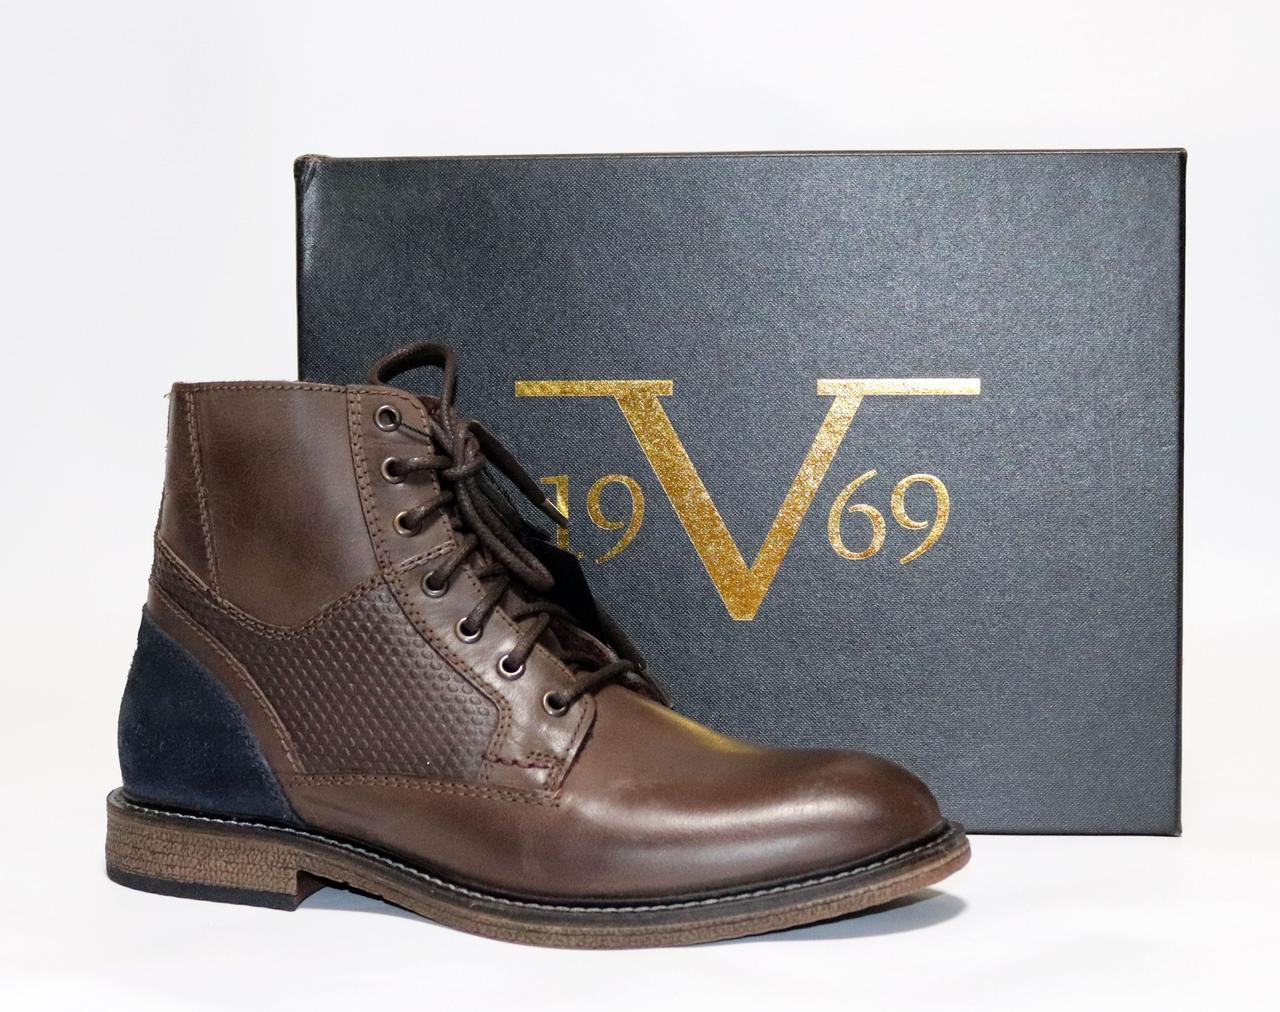 Мужские Зимние Ботинки Versace Оригинал Италия Натуральная Кожа 45 ... 03312f436048f